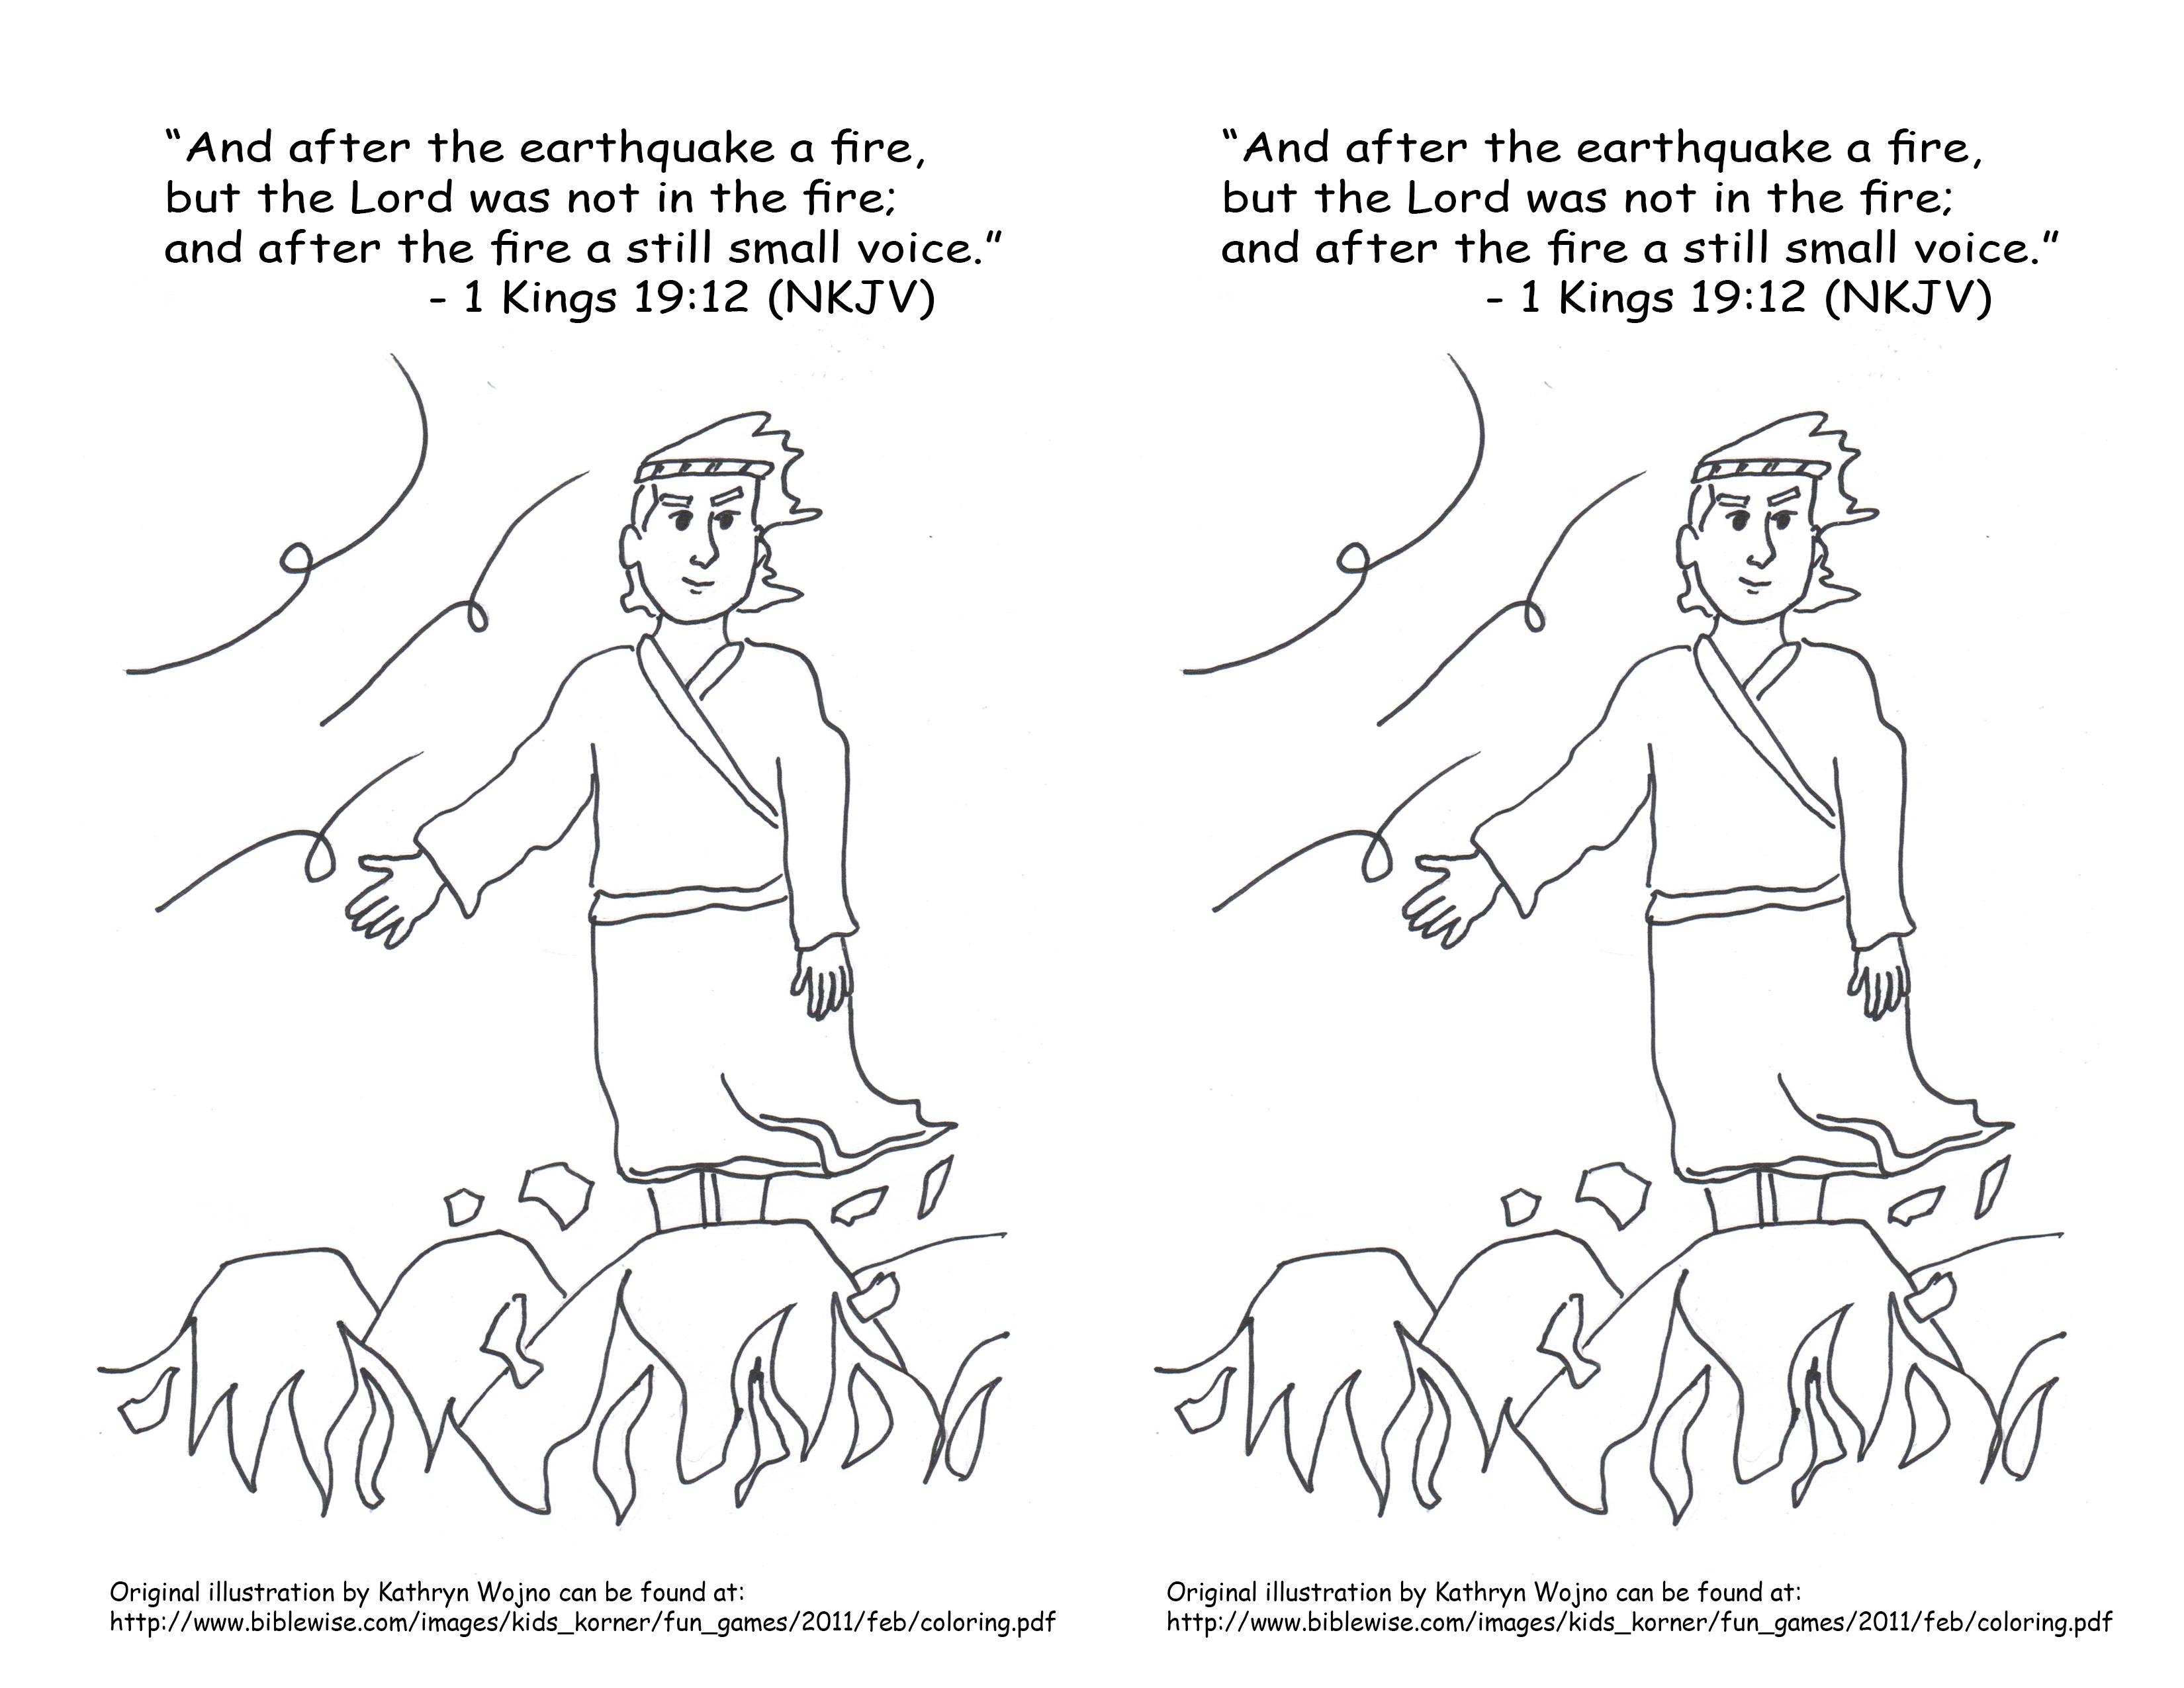 feb-10-2014-1-kings-19-12-coloring-page.jpg